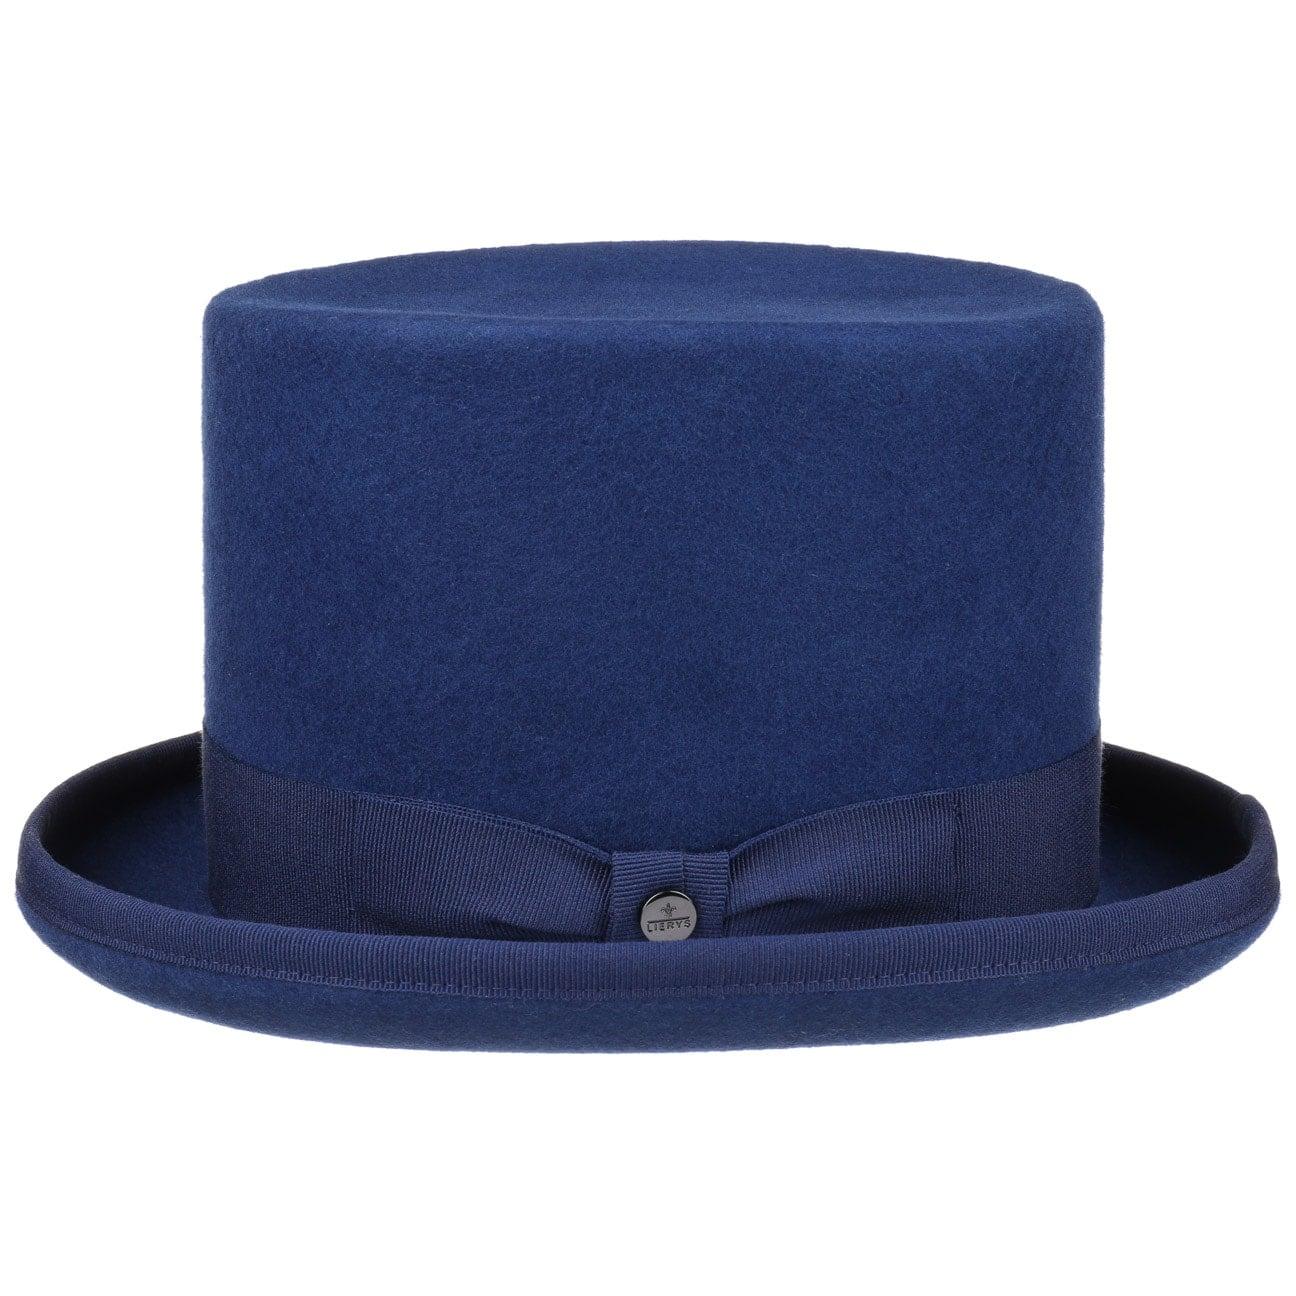 ... Top Hat Wool Felt by Lierys - blue 4 ... 37f0c27df62